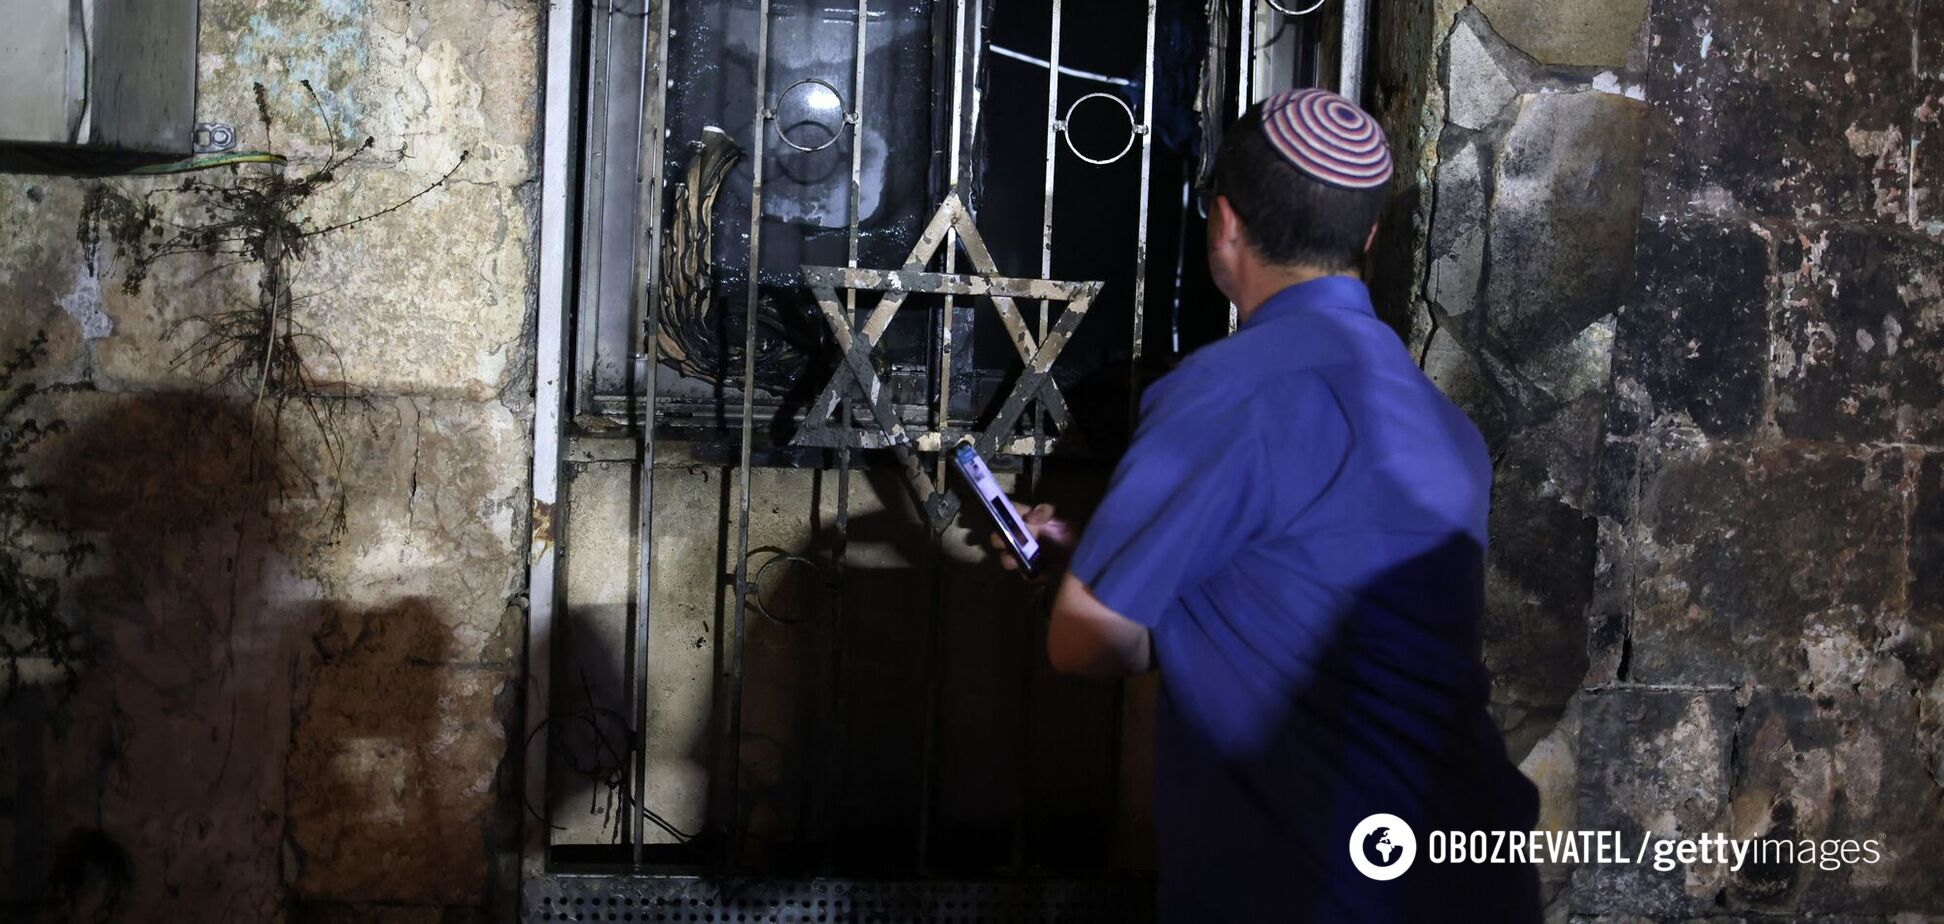 Ізраїль зазнав атаки з сектору Газа та Лівану: що відбувається в зоні протистояння